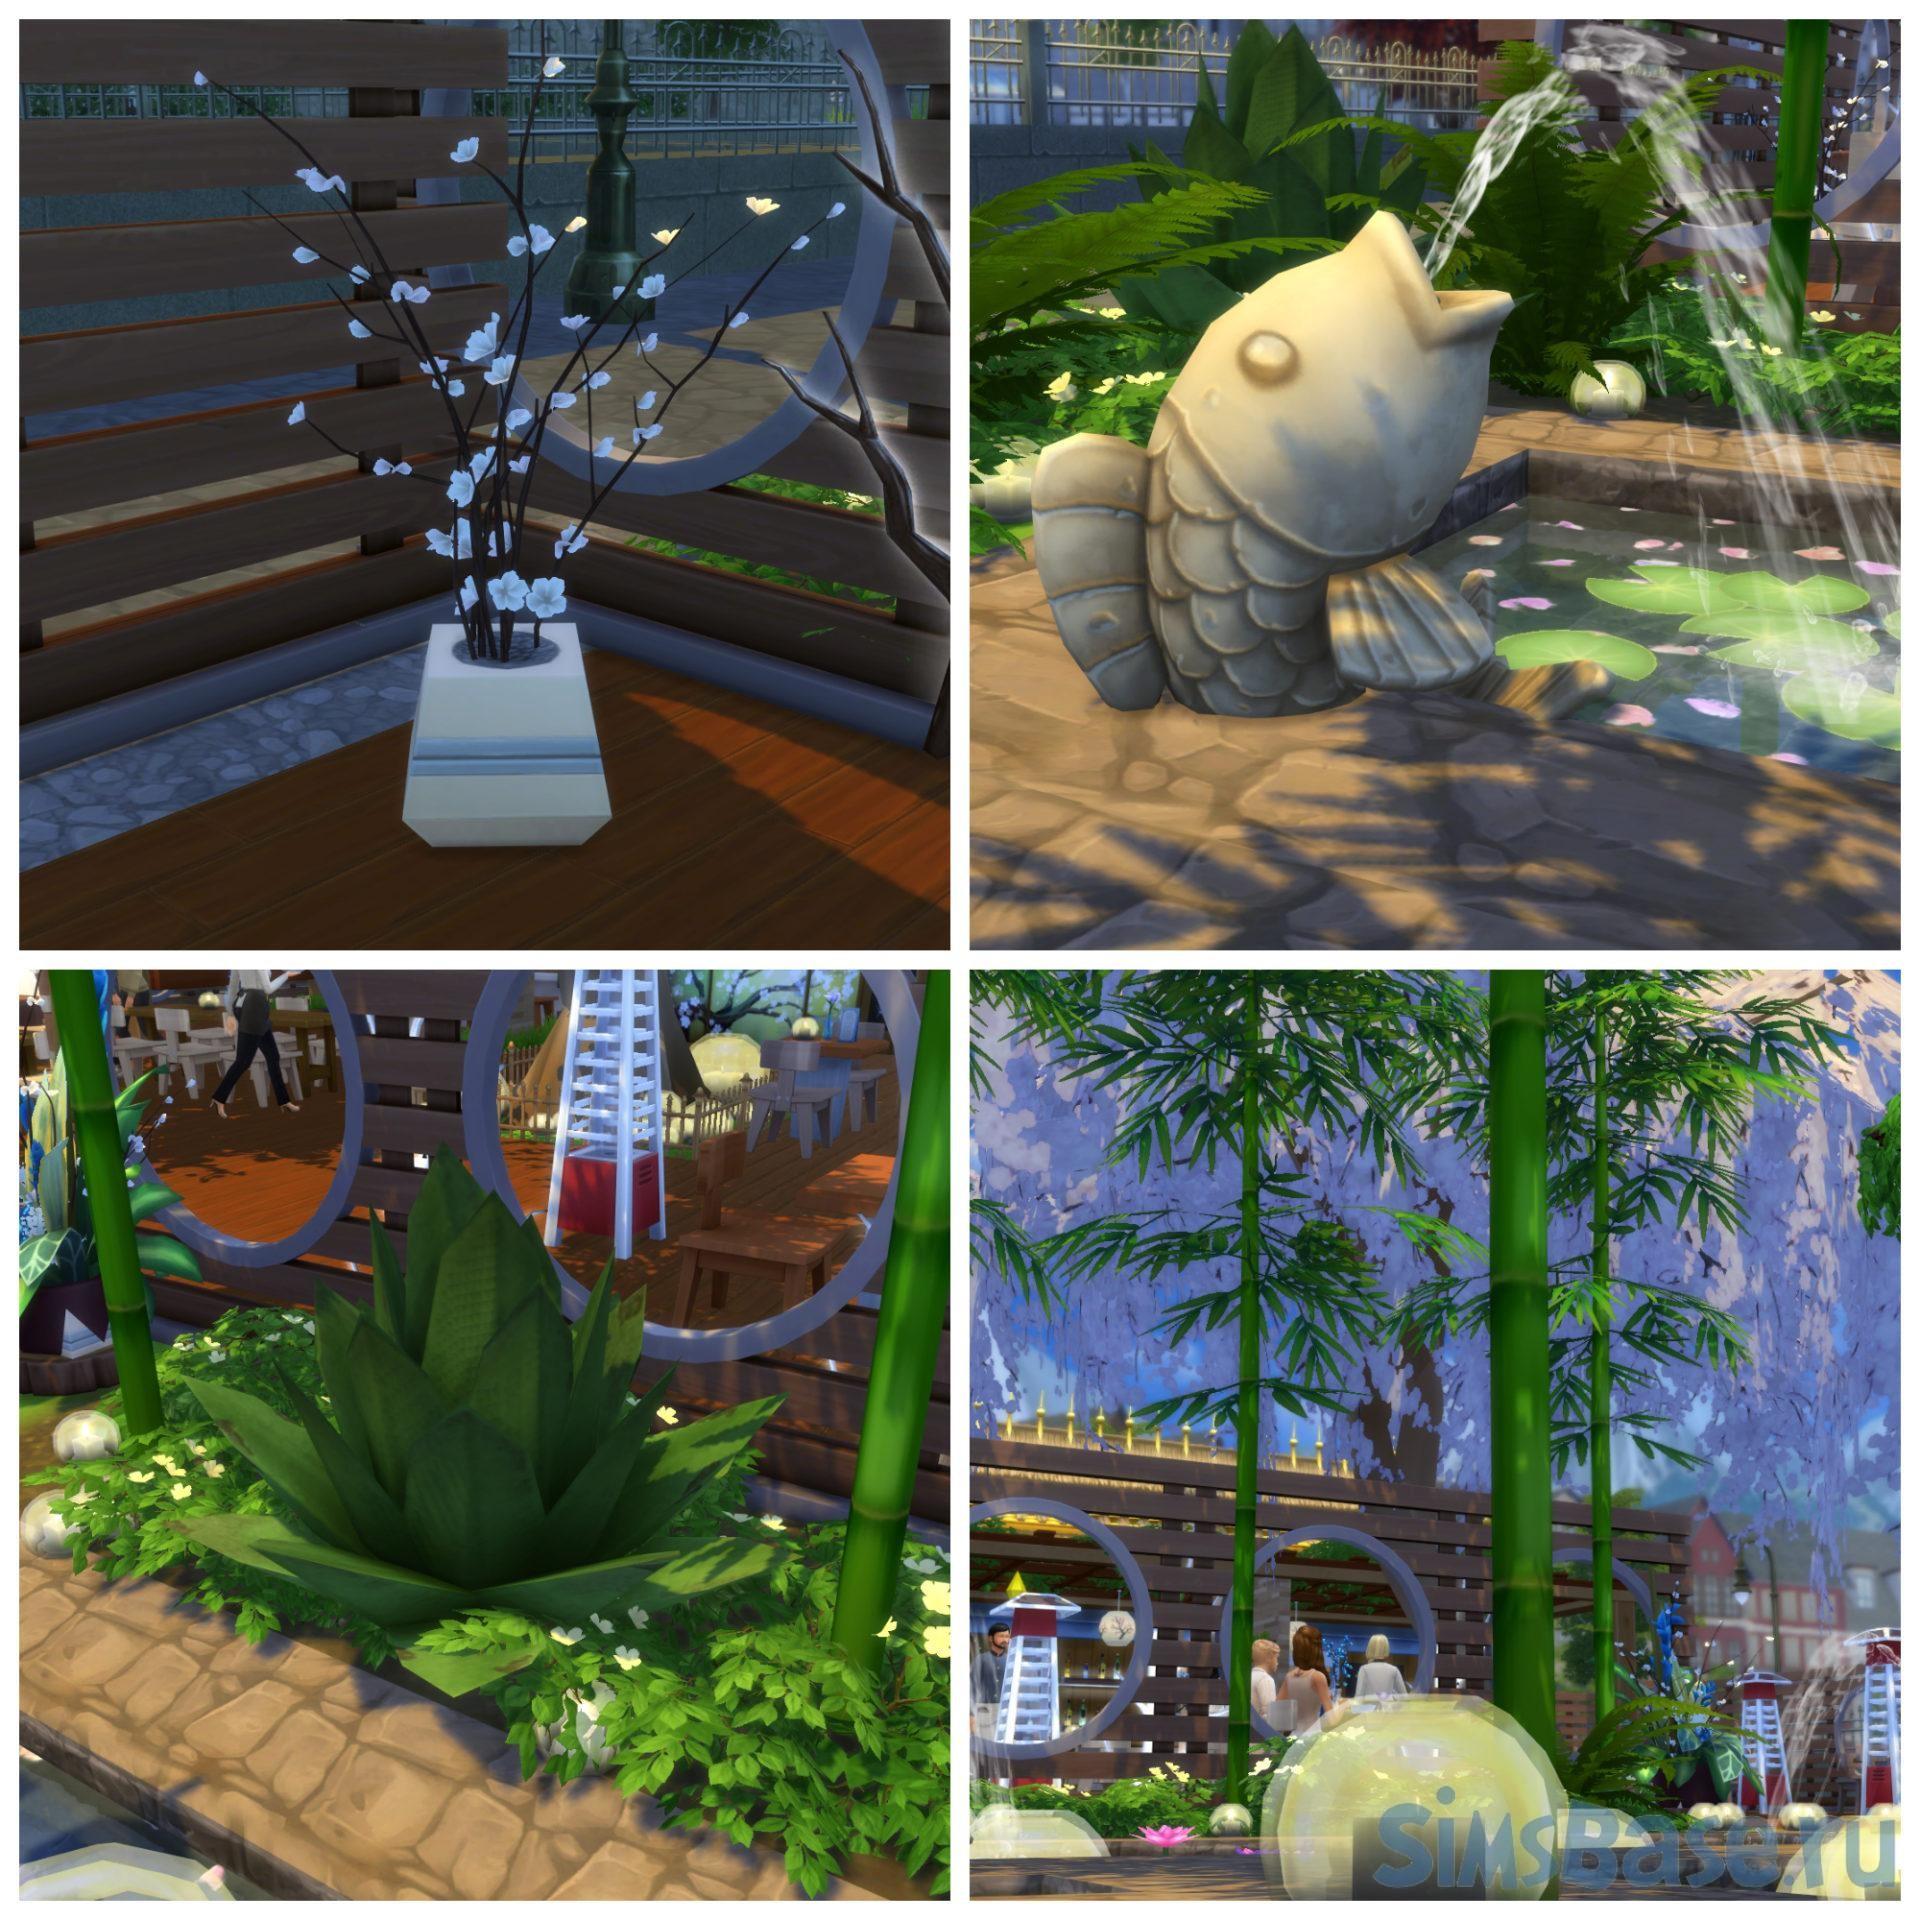 Строительство и идеи в азиатском стиле Sims 4